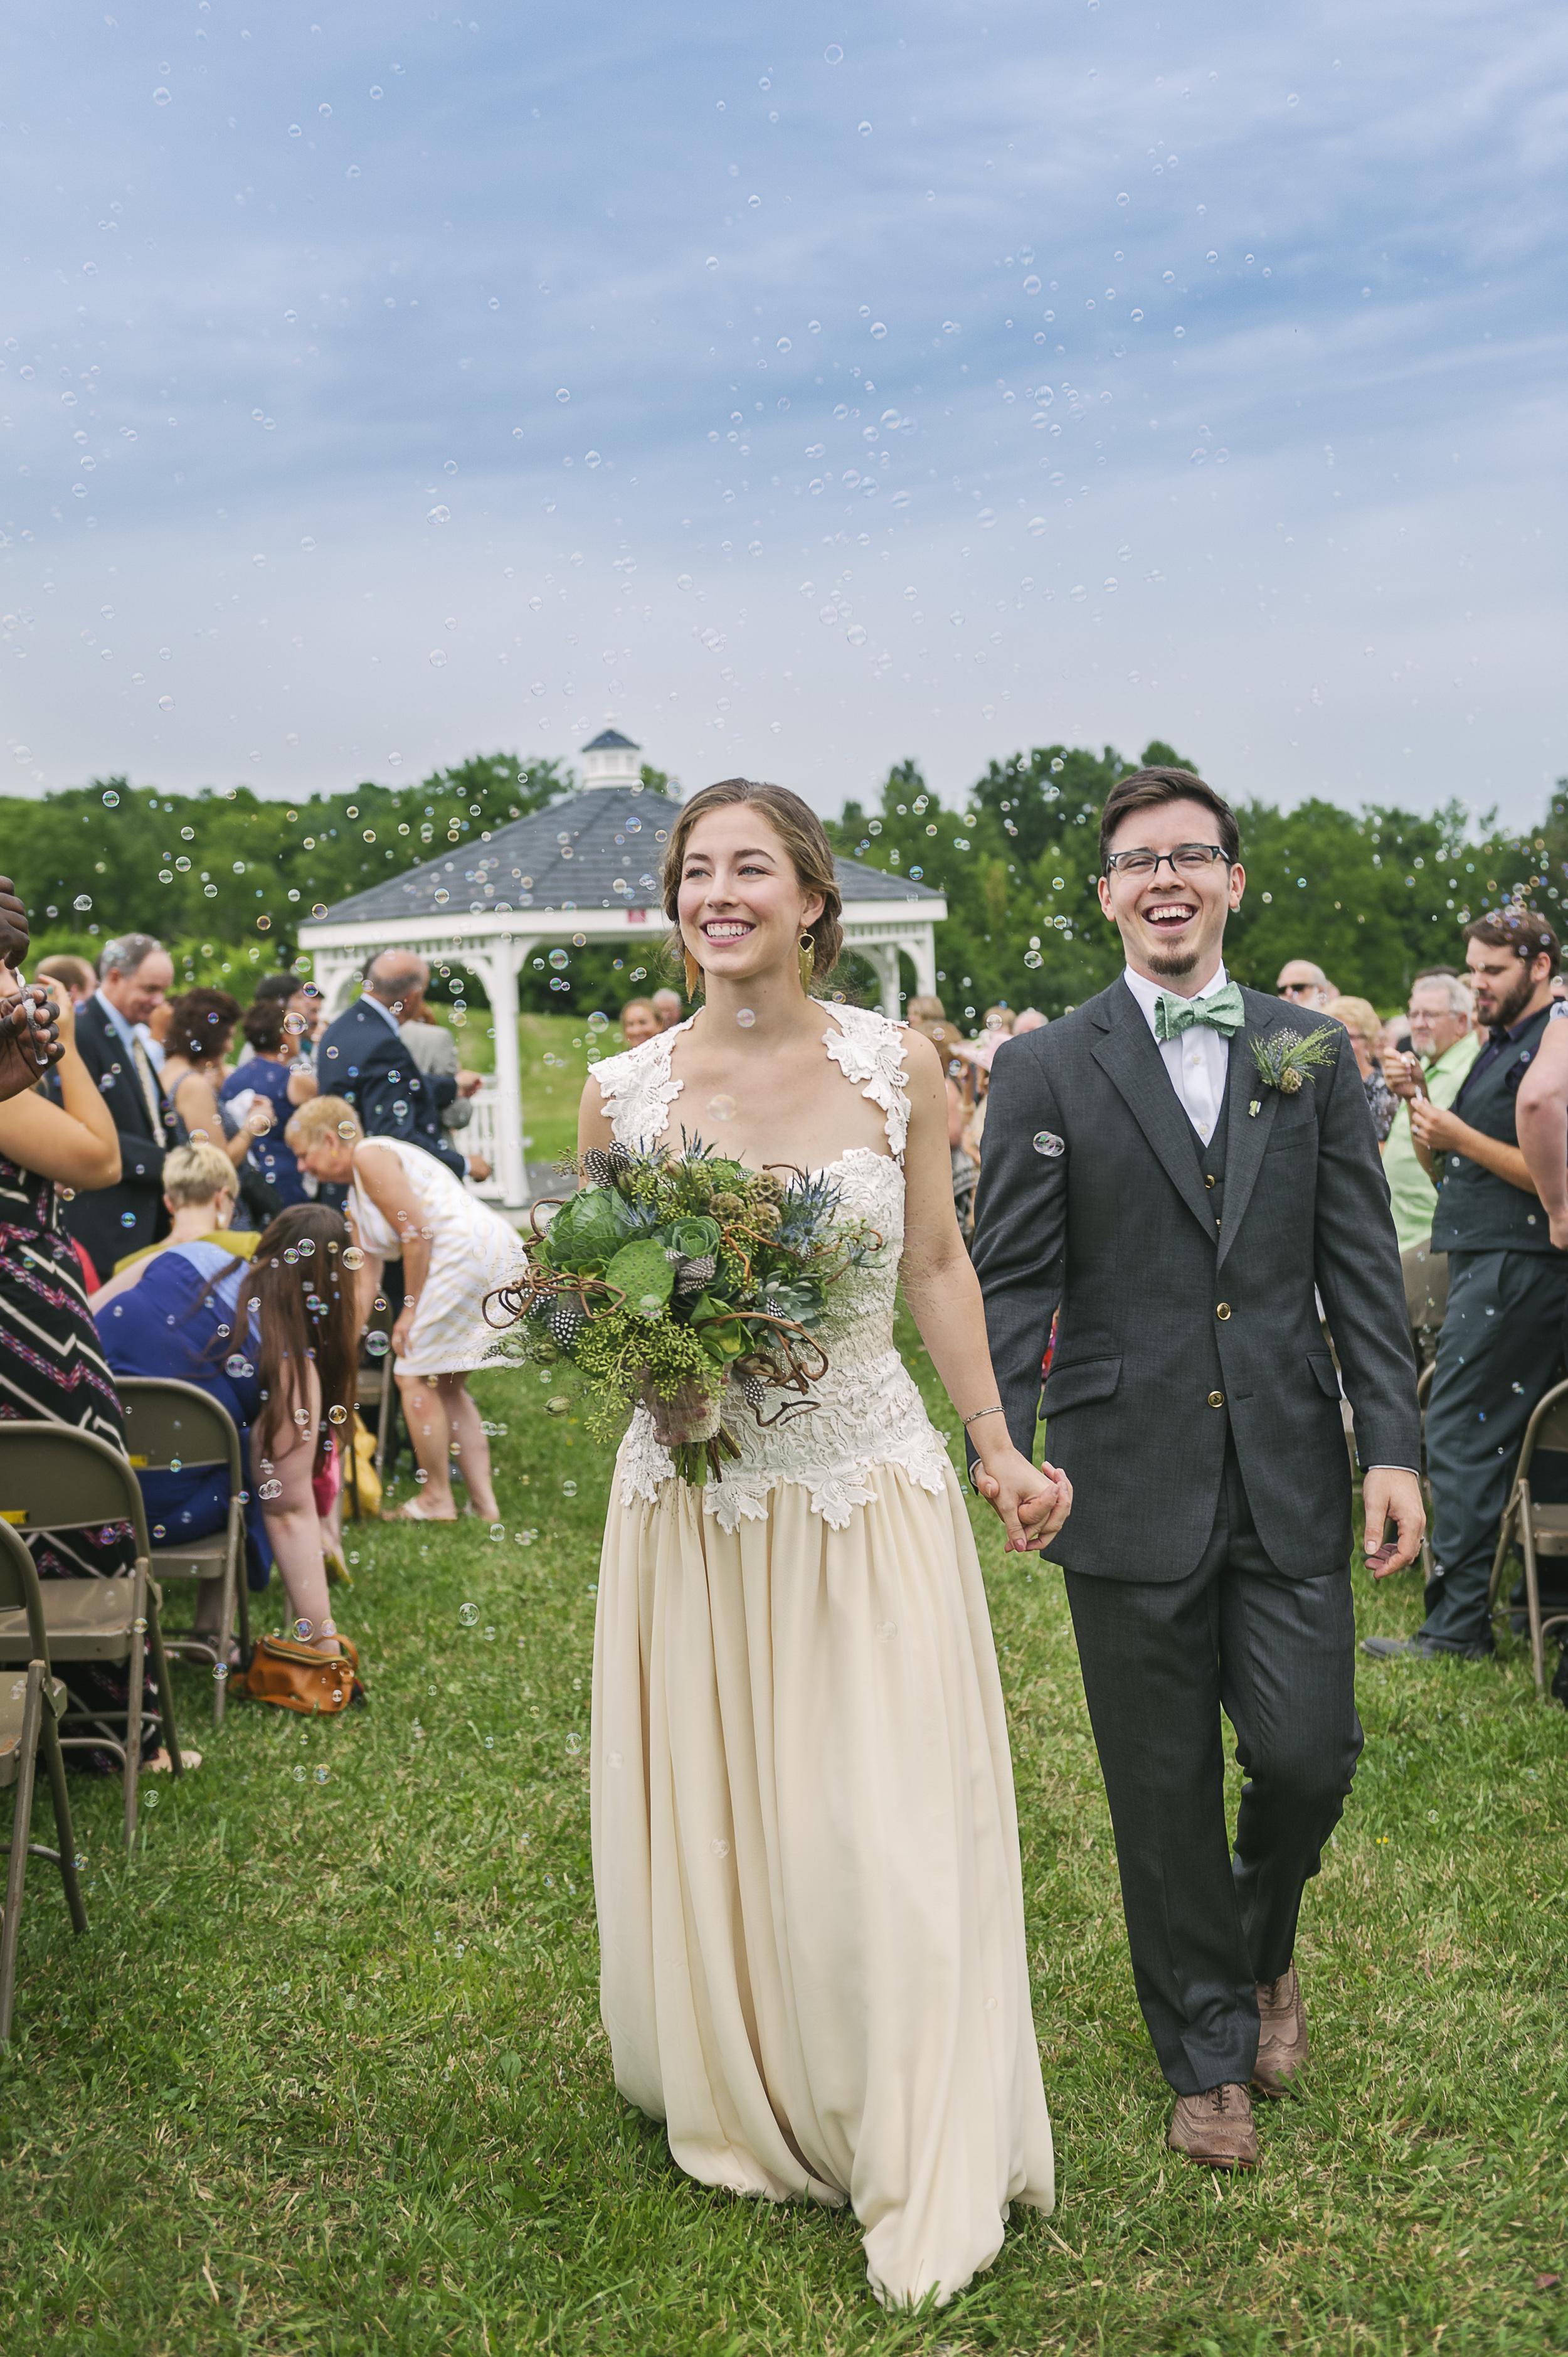 20140816 Sara & Robert's Wedding Day_6950_becklund.jpg